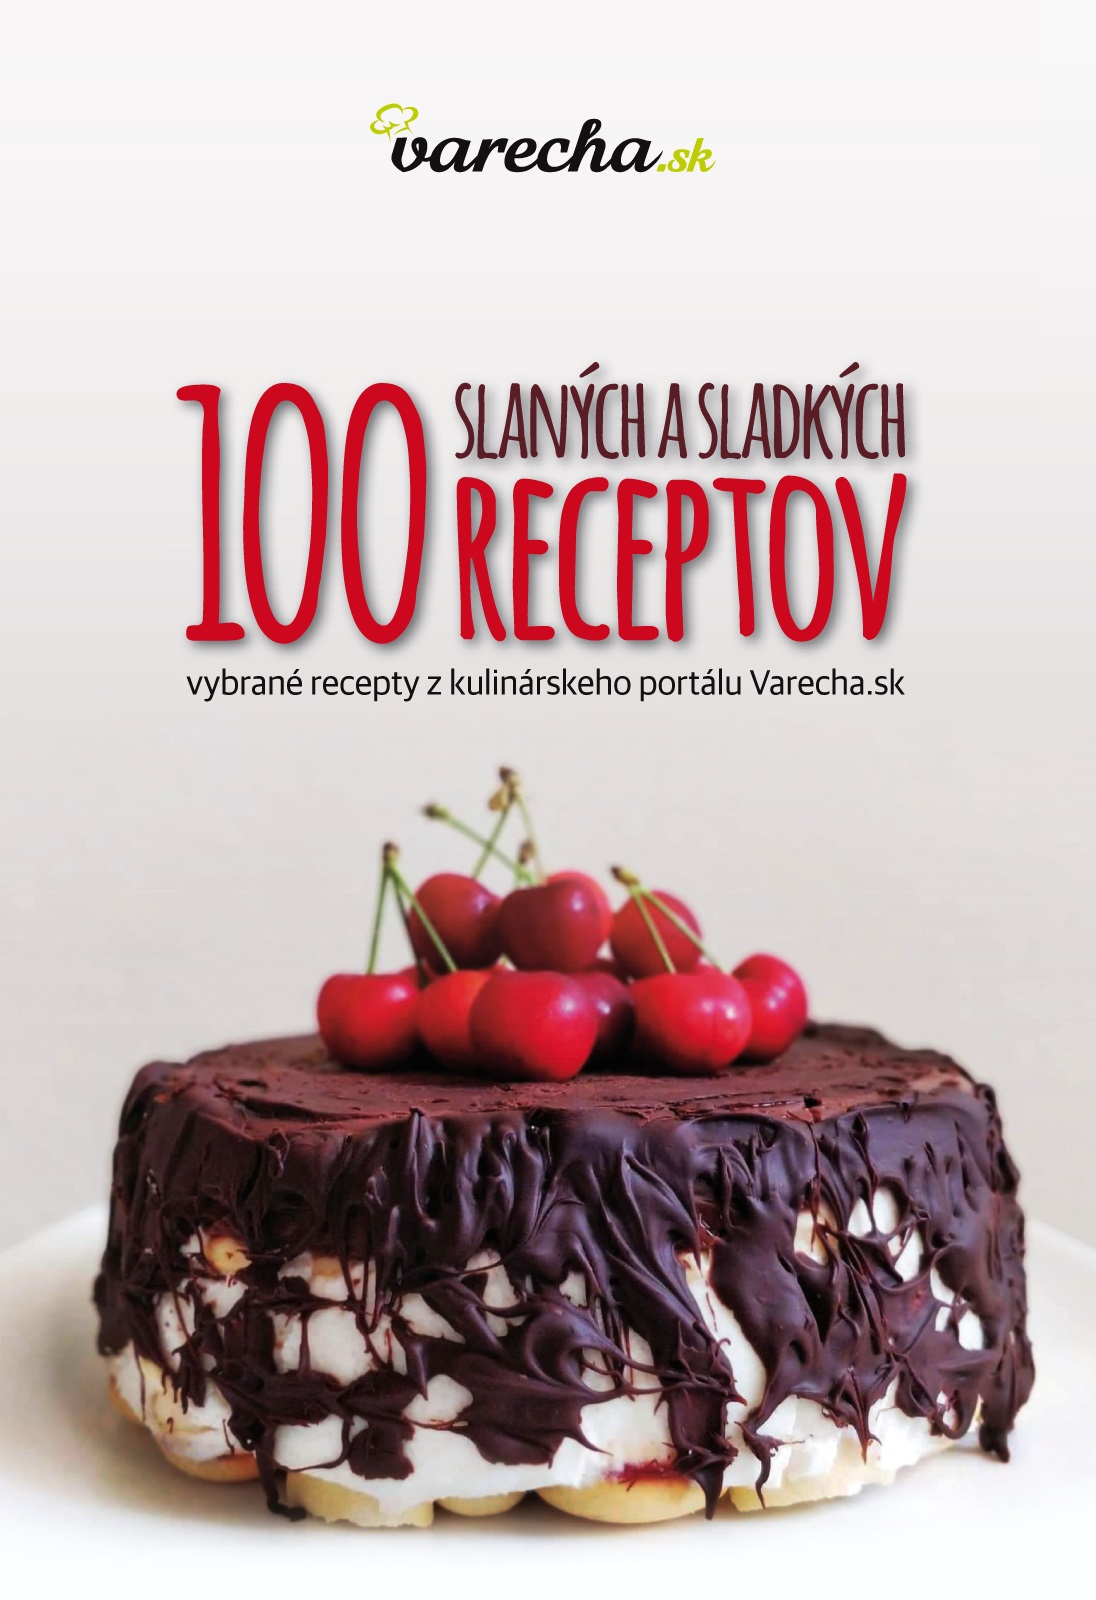 100 slanych a sladkych receptov - vybrané recepty z kulinárskeho portálu Varecha.sk